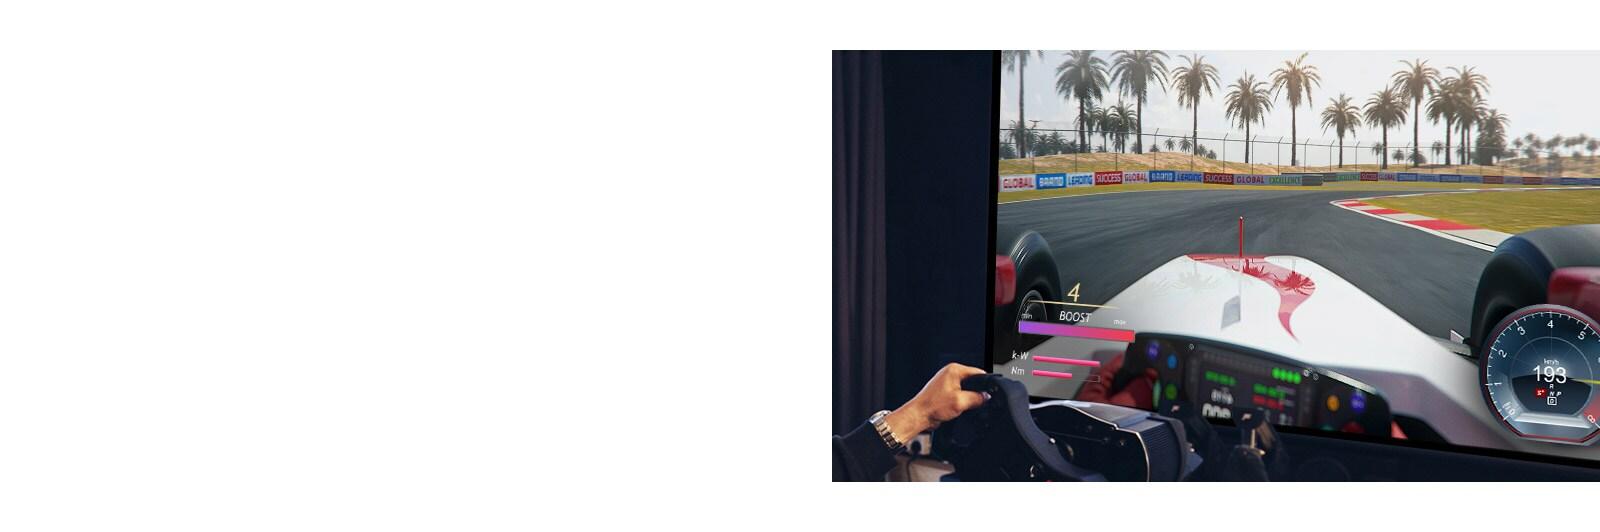 Ένα κοντινό πλάνο ενός παίκτη που κρατάει ένα αγωνιστικό τιμόνι ενώ παίζει σε ένα παιχνίδι αγώνα αυτοκινήτων.